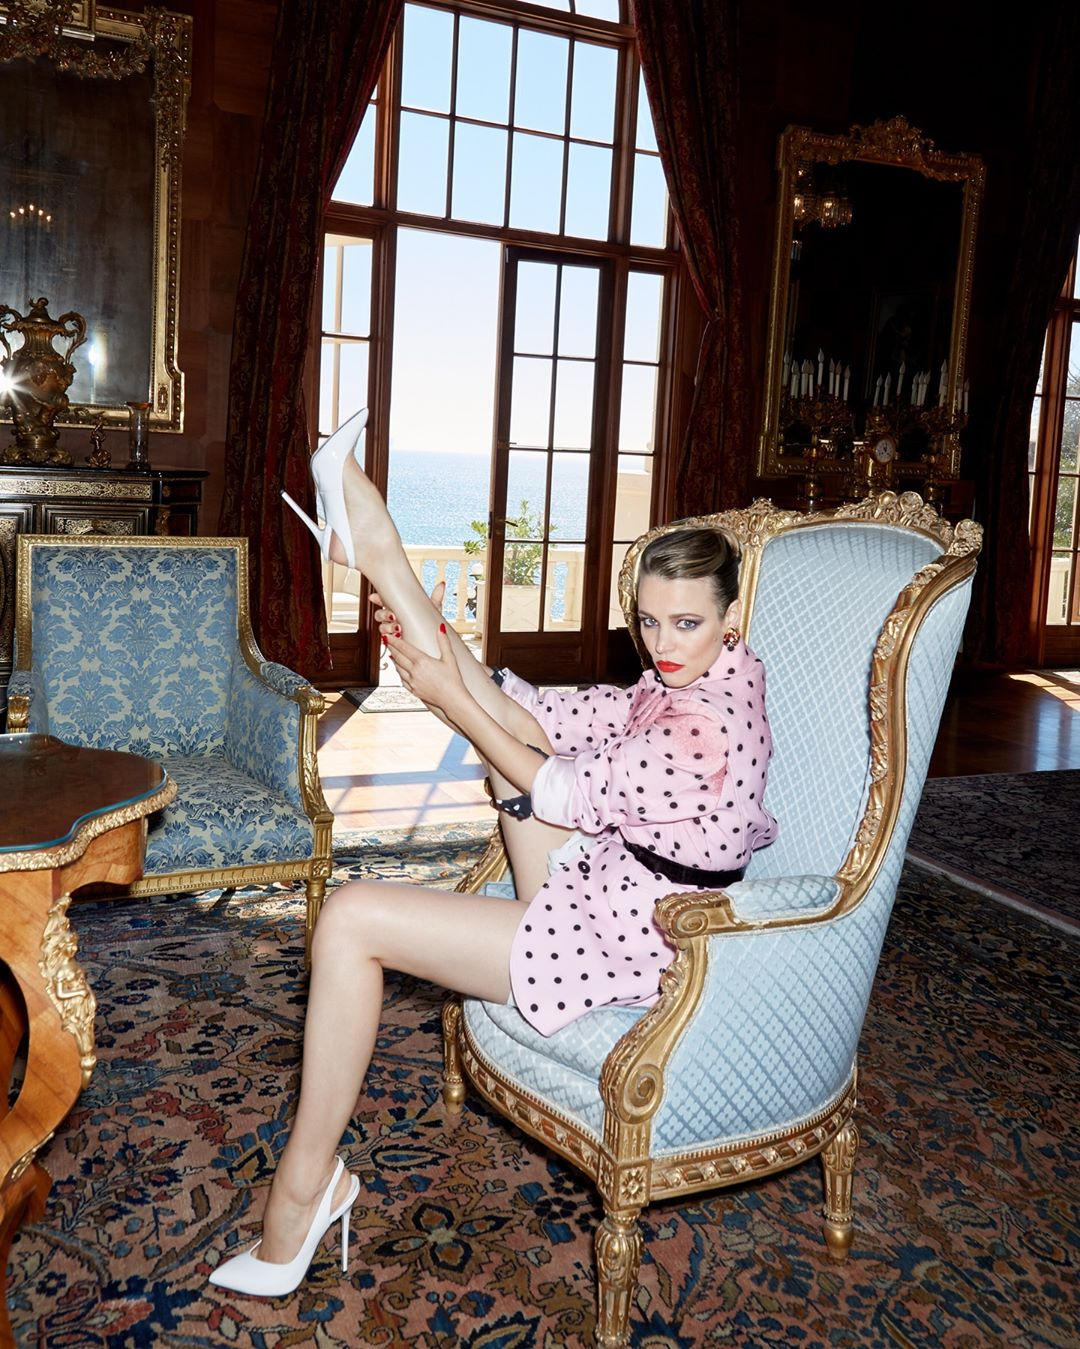 Рэйчел Макадамс снялась в провокационной фотосессии-Фото 2